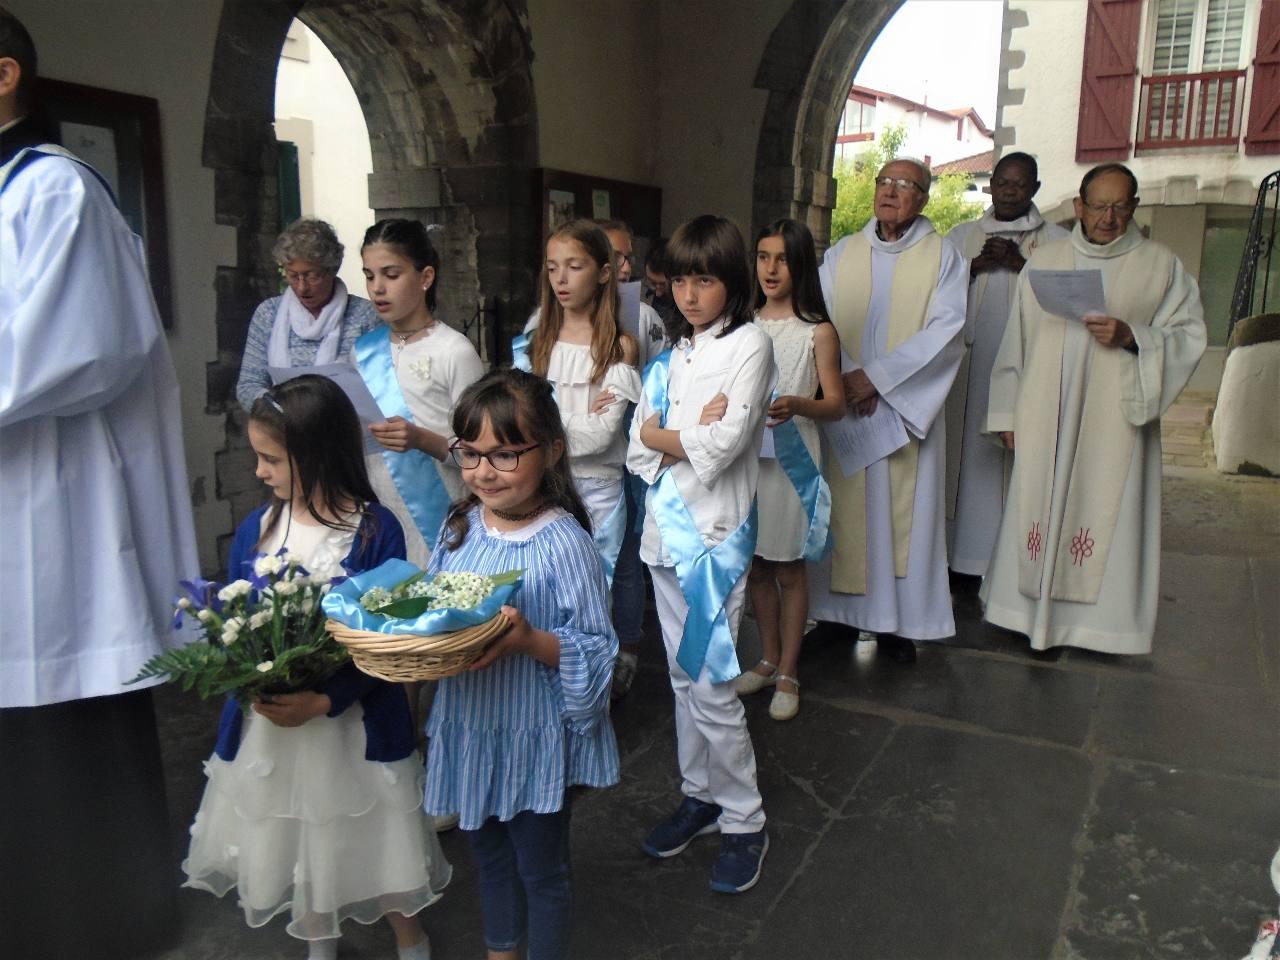 Cheyenne le bouquet, Angela la couronne ; Adriana, Sara, Iñaki, Pantxica et Idoïa sont félicités pour leur persévérance dans leur recherche de Dieu par leur poursuite du catéchisme